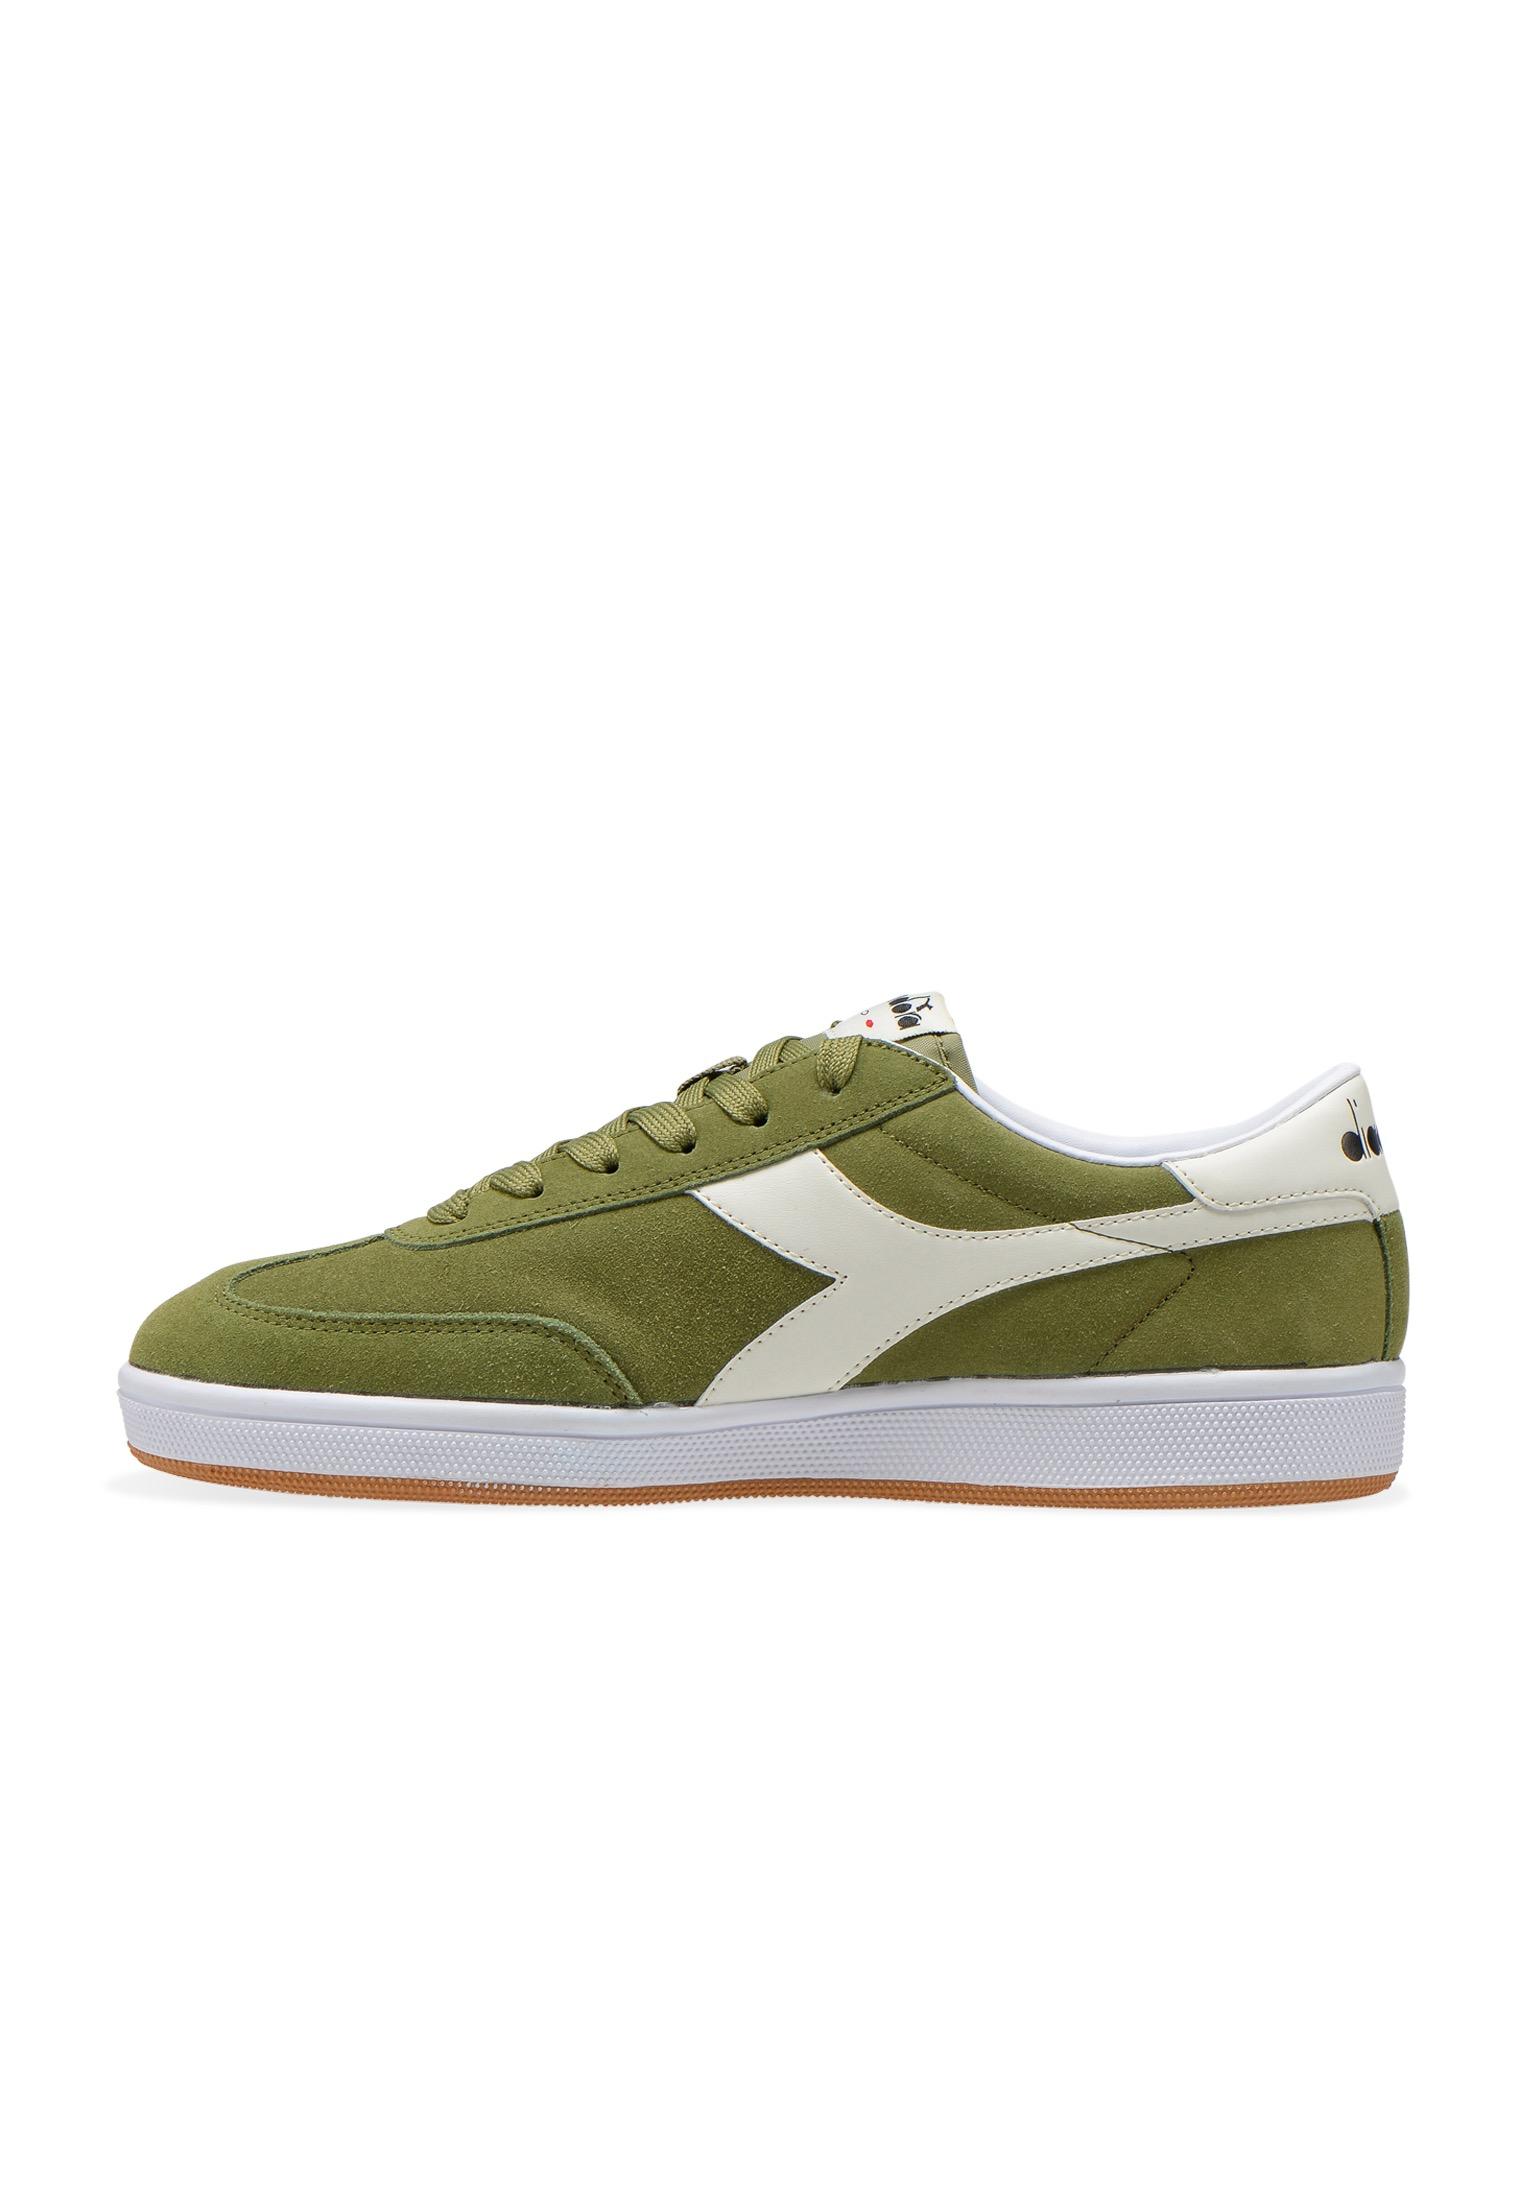 miniatura 3 - Diadora - Sneakers FIELD per uomo e donna